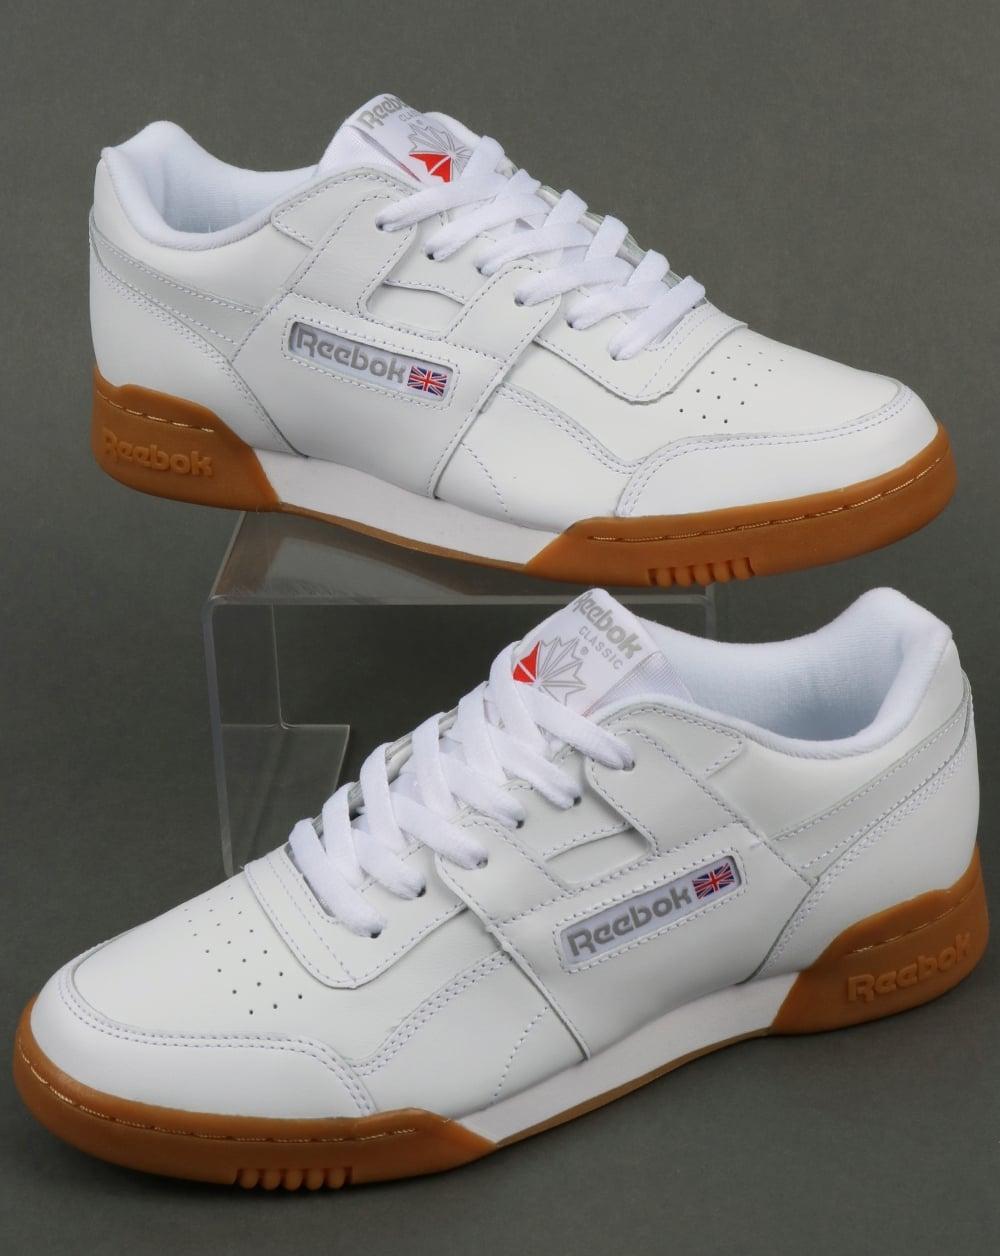 822f3b57a97999 Reebok Reebok Workout Plus Trainers White Carbon Gum